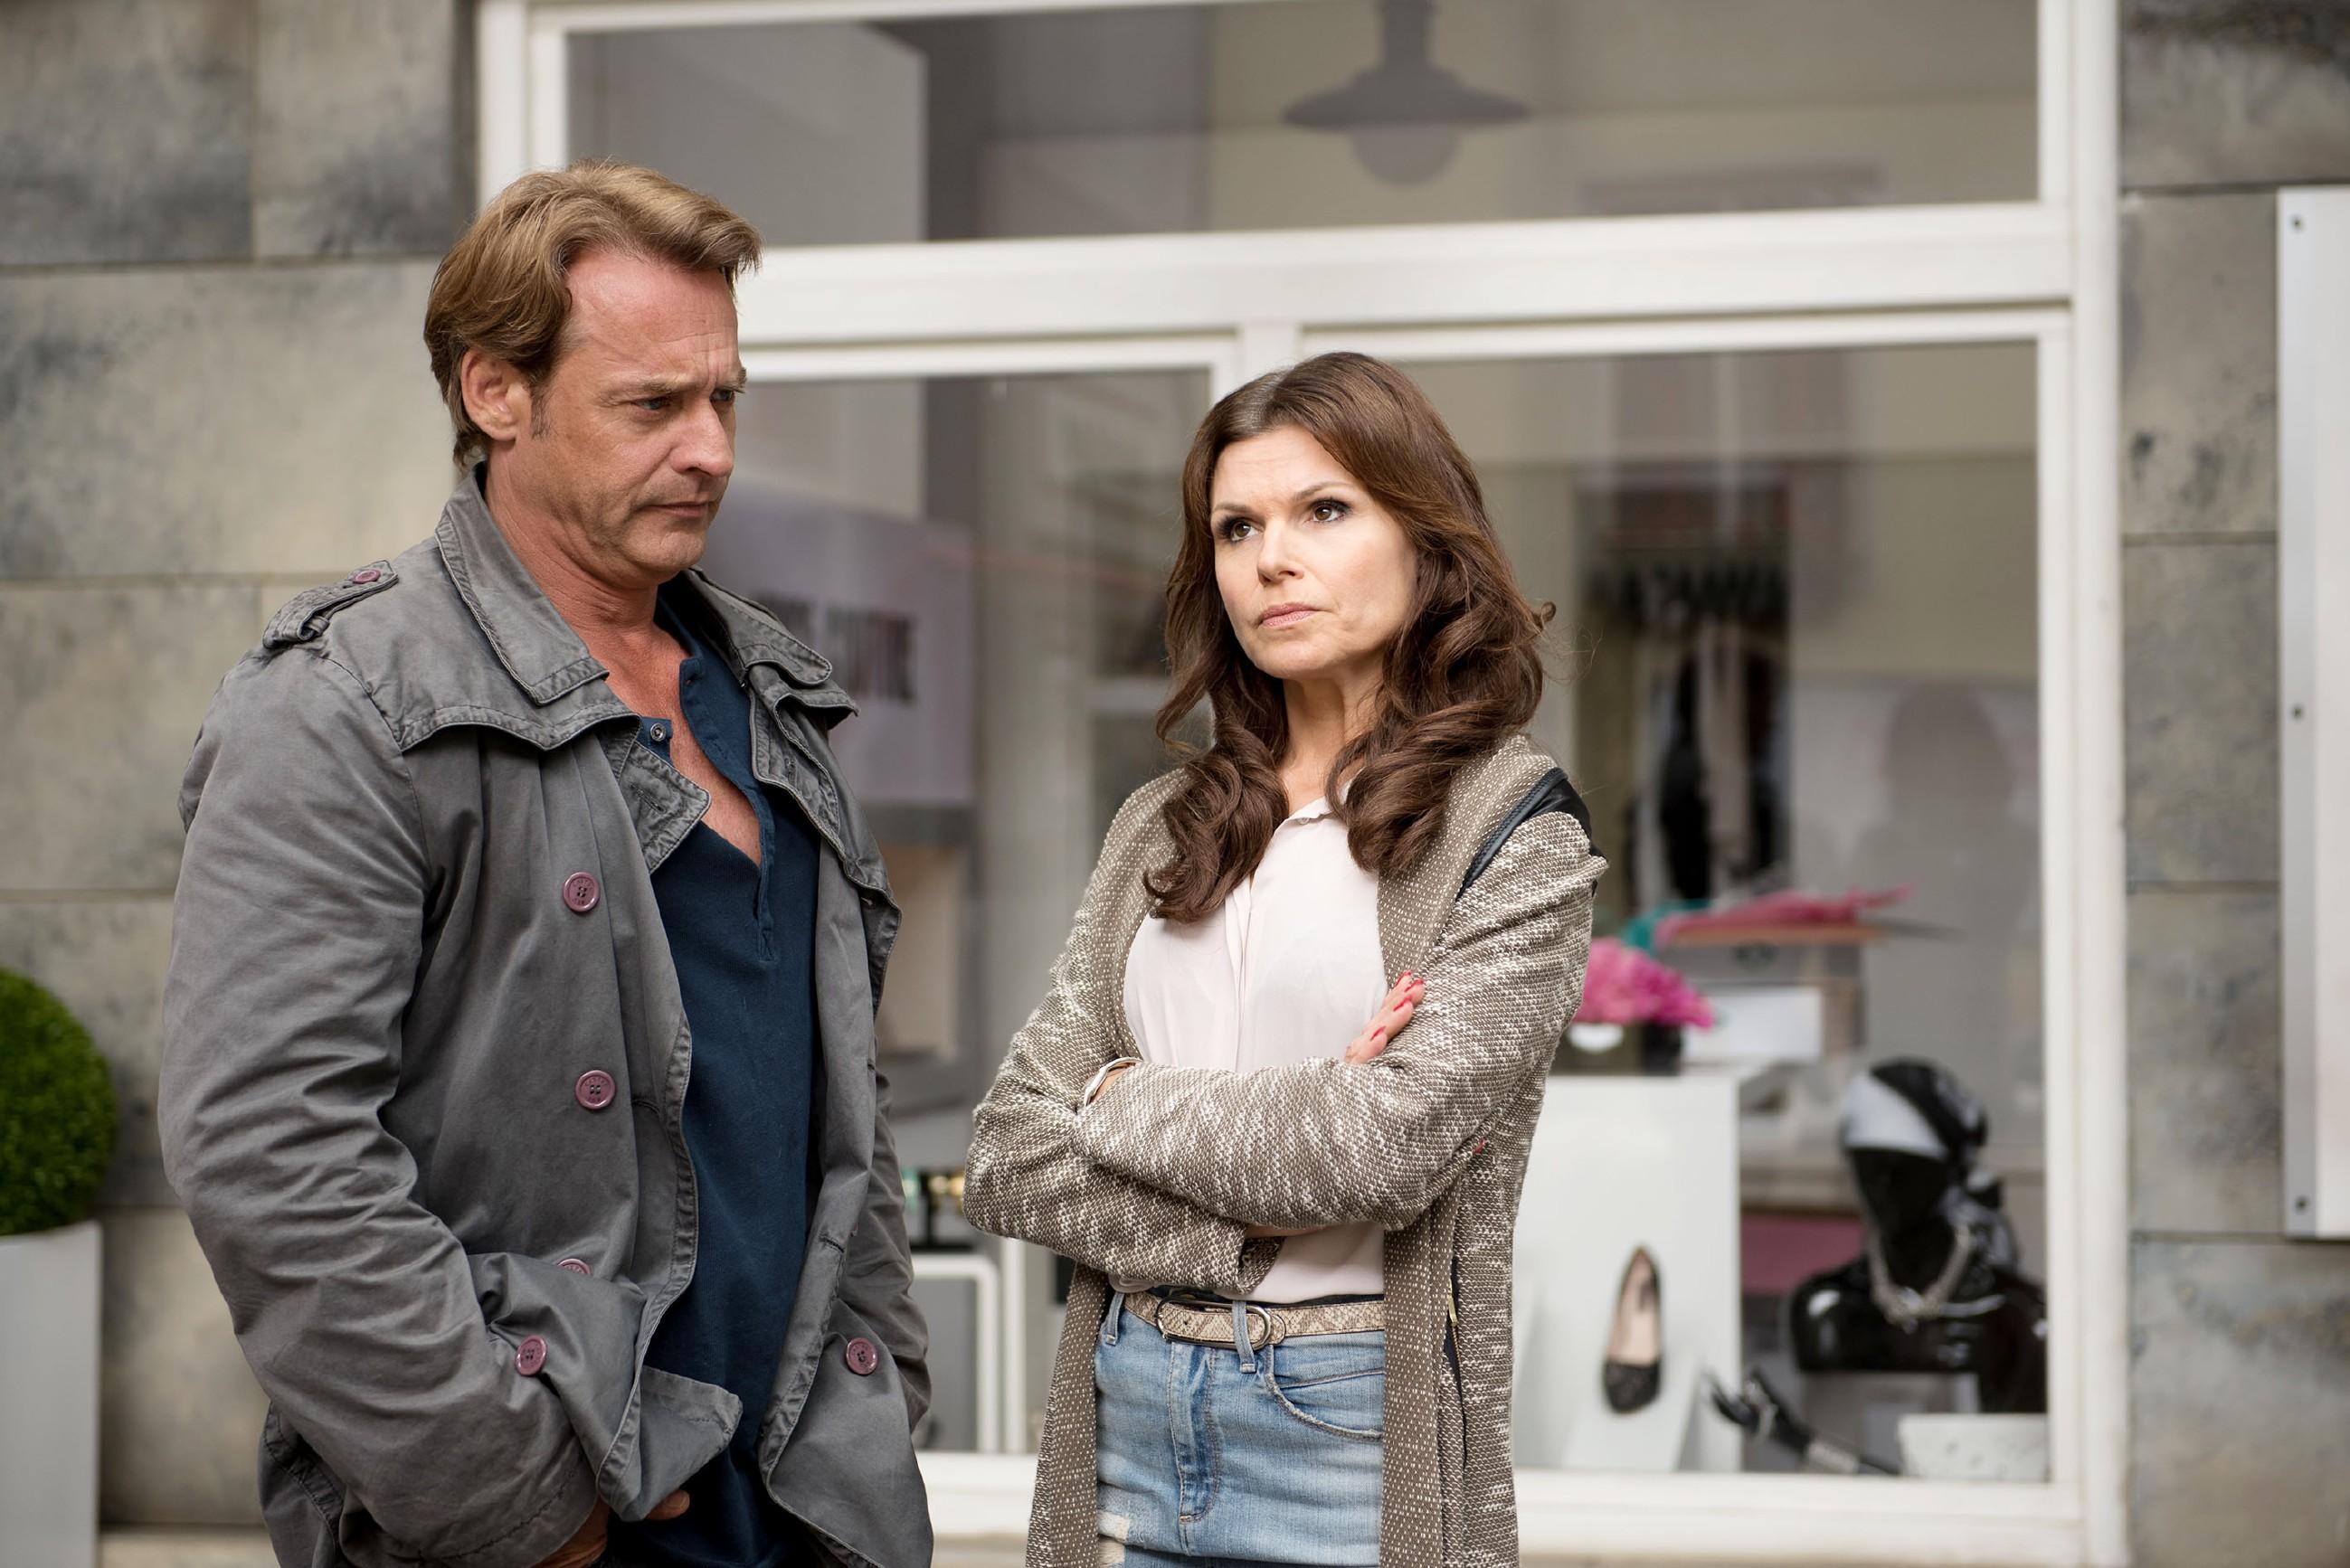 Britta (Tabea Heynig) ist ernüchtert, als Rufus (Kai Noll) wegen Lotta vorerst nicht mit ihr zusammenziehen will. (Quelle: © RTL / Stefan Behrens)